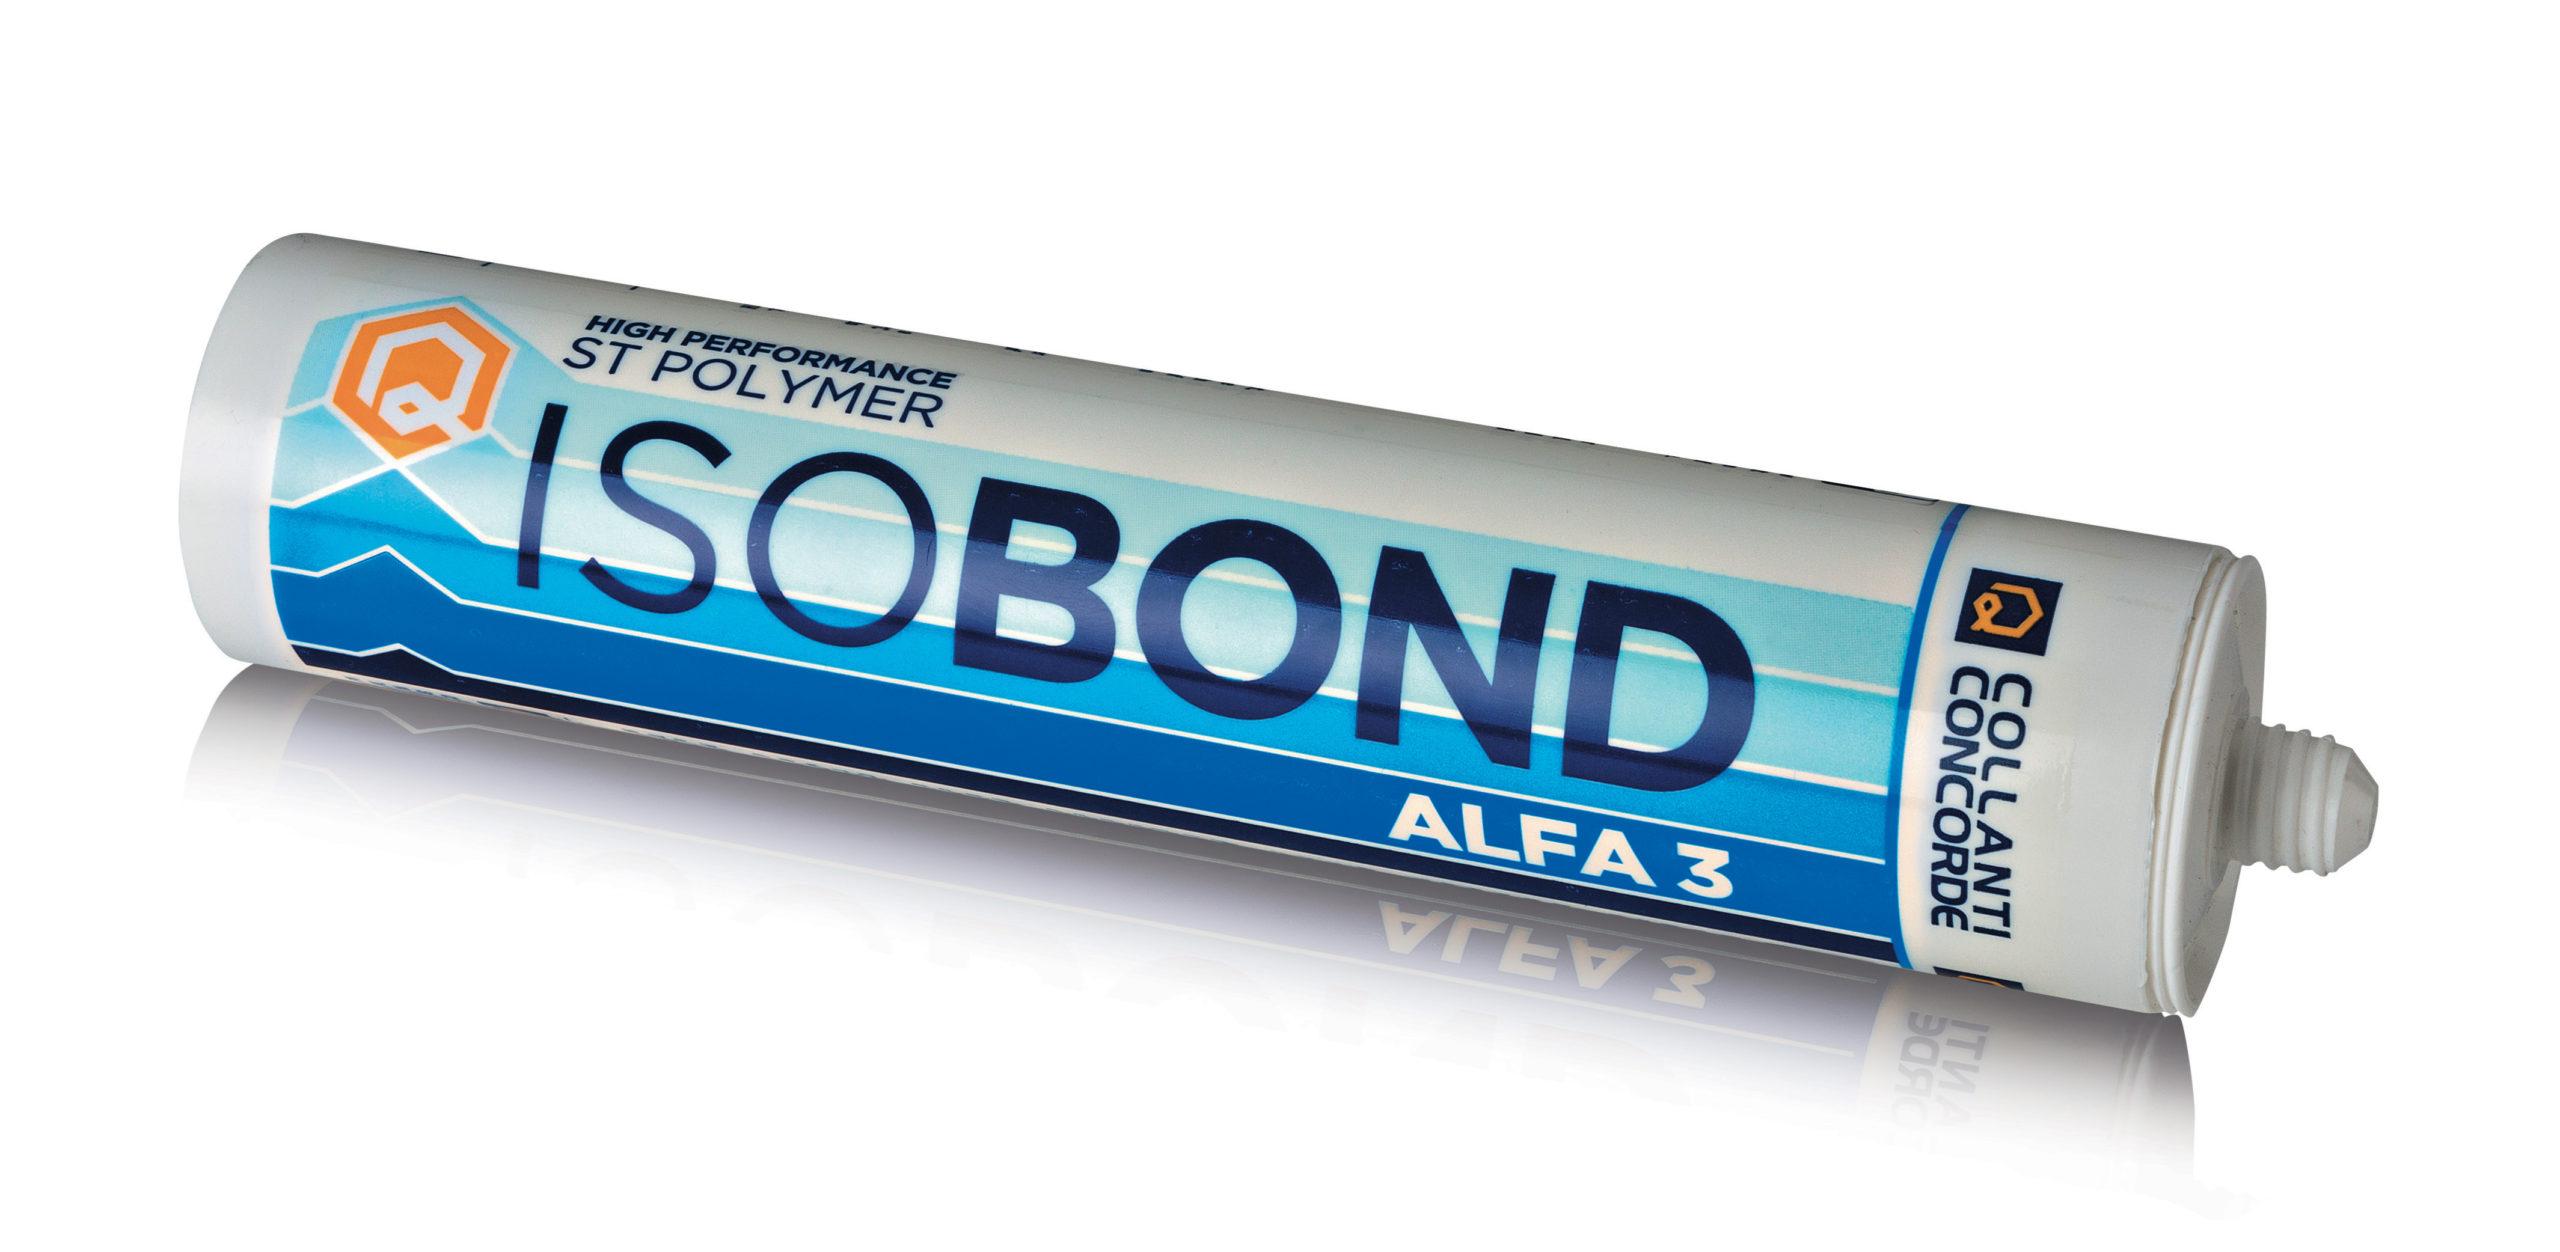 Полиуретановый клей. Полимеры ST ISOBOND ALFA 3